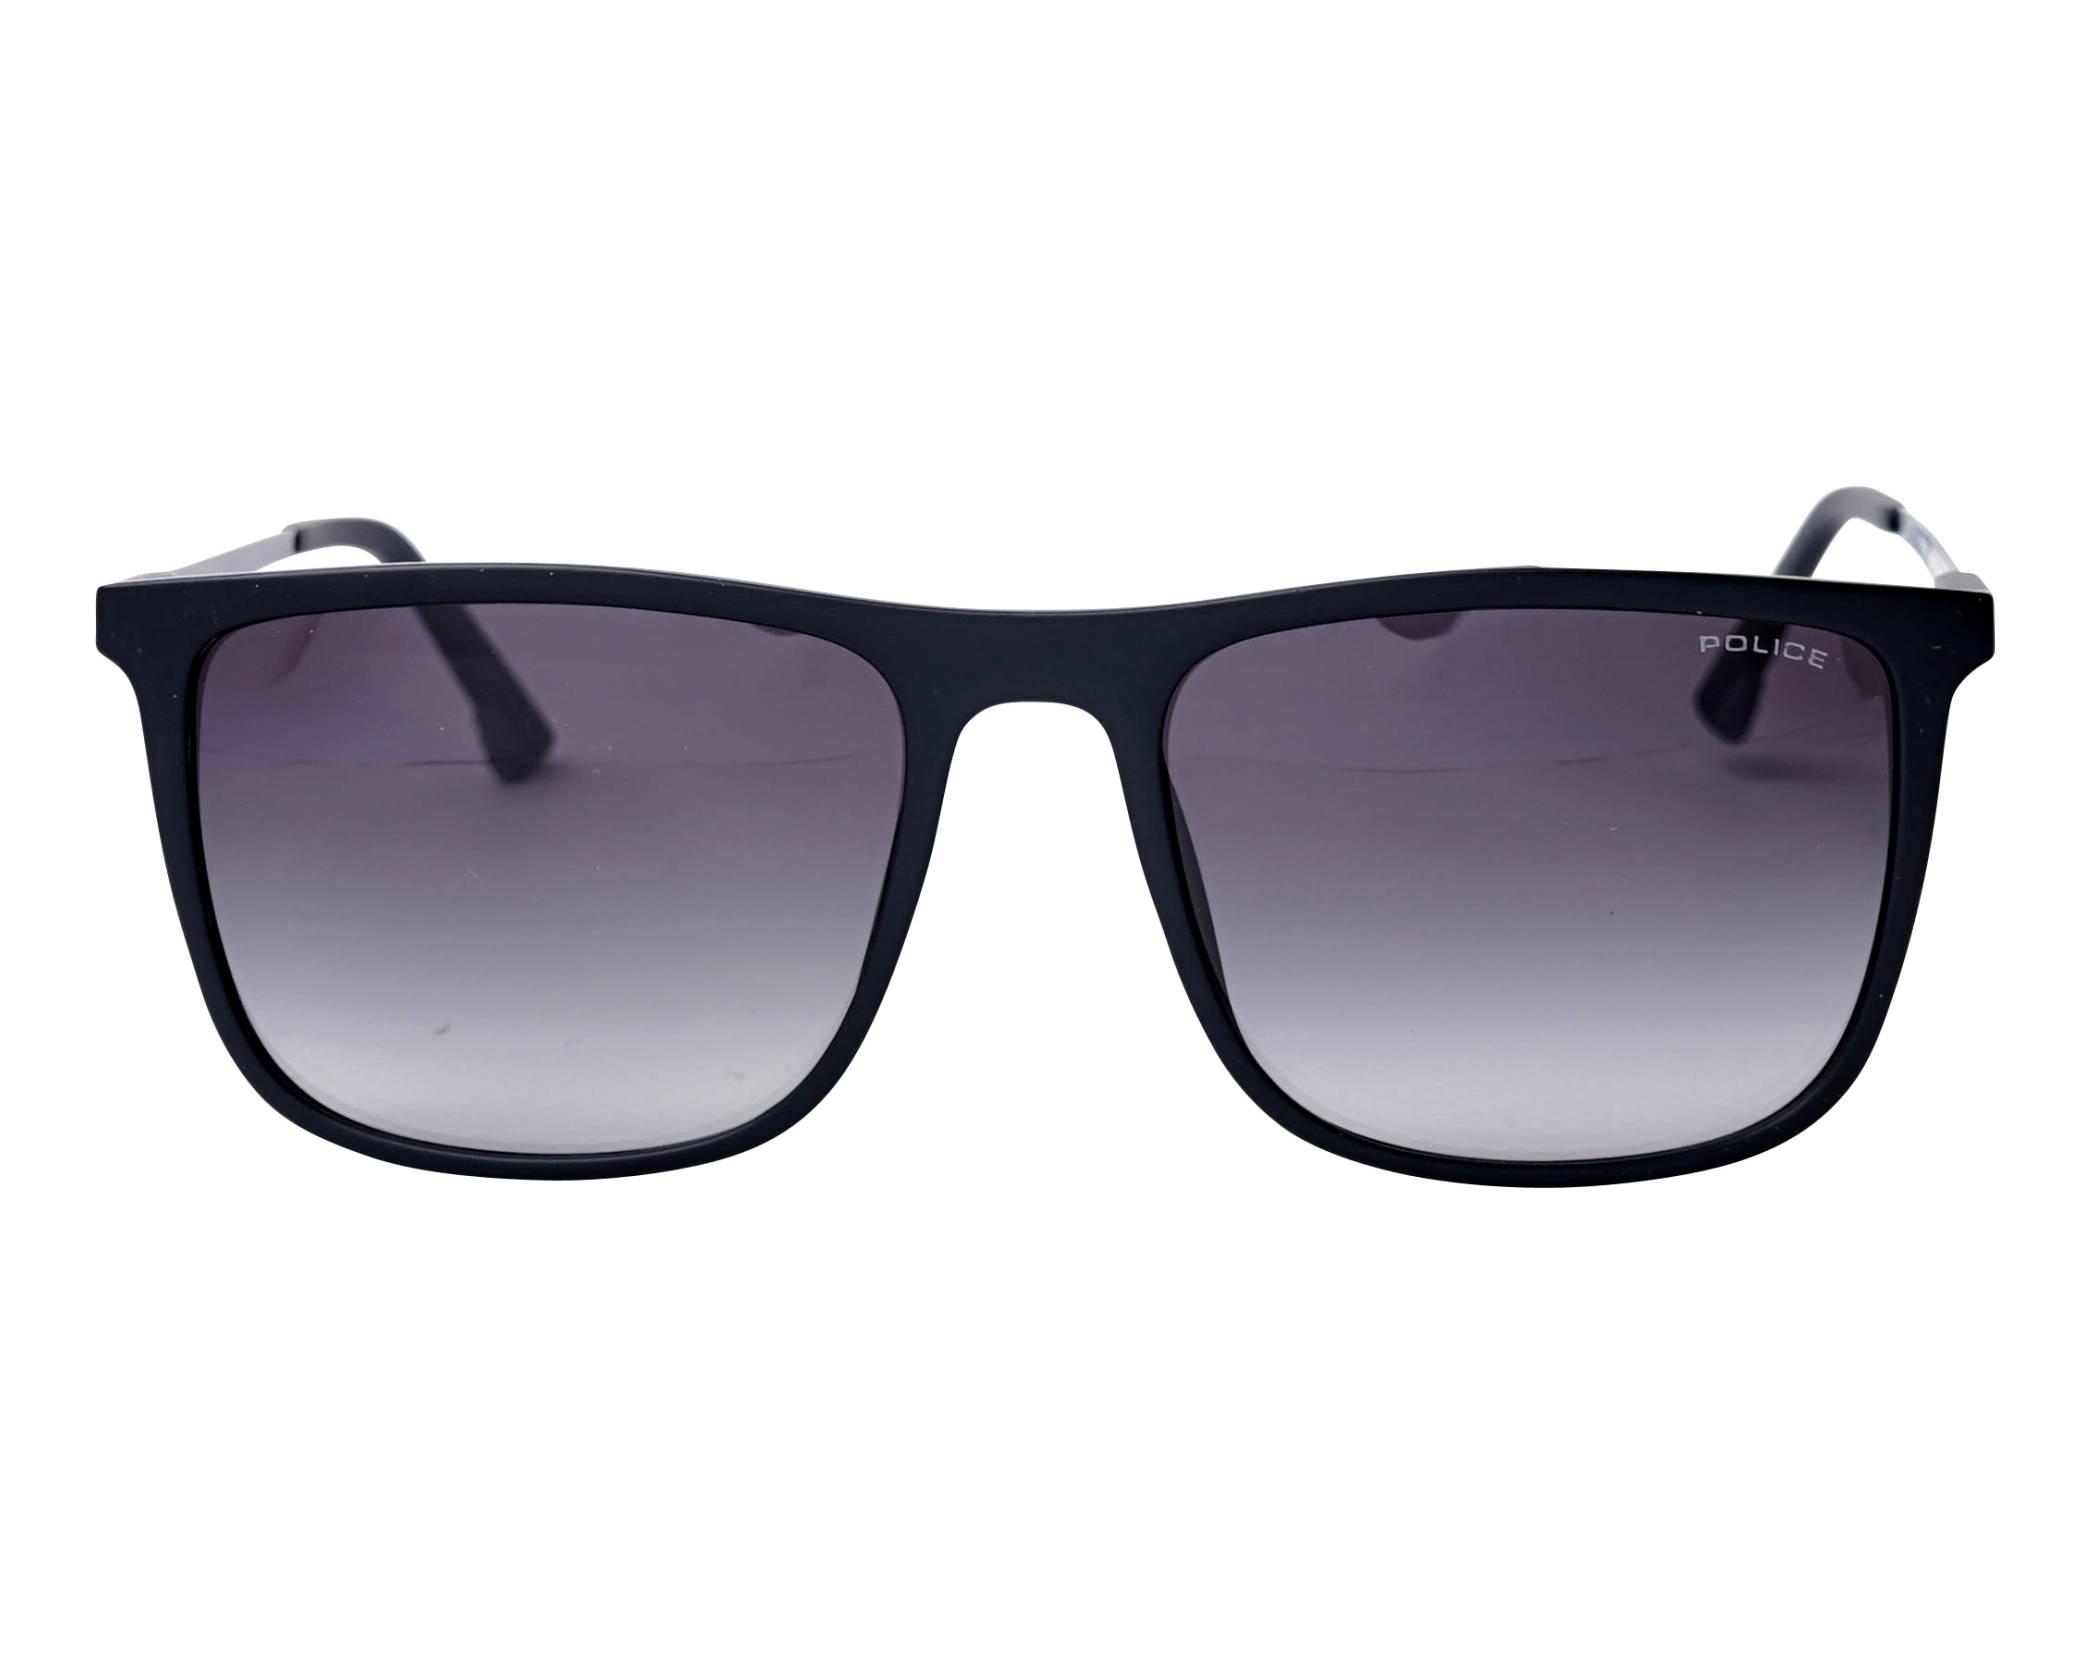 8639297823 Gafas de sol Police SPL-770 0U28 55-18 Negra vista de frente